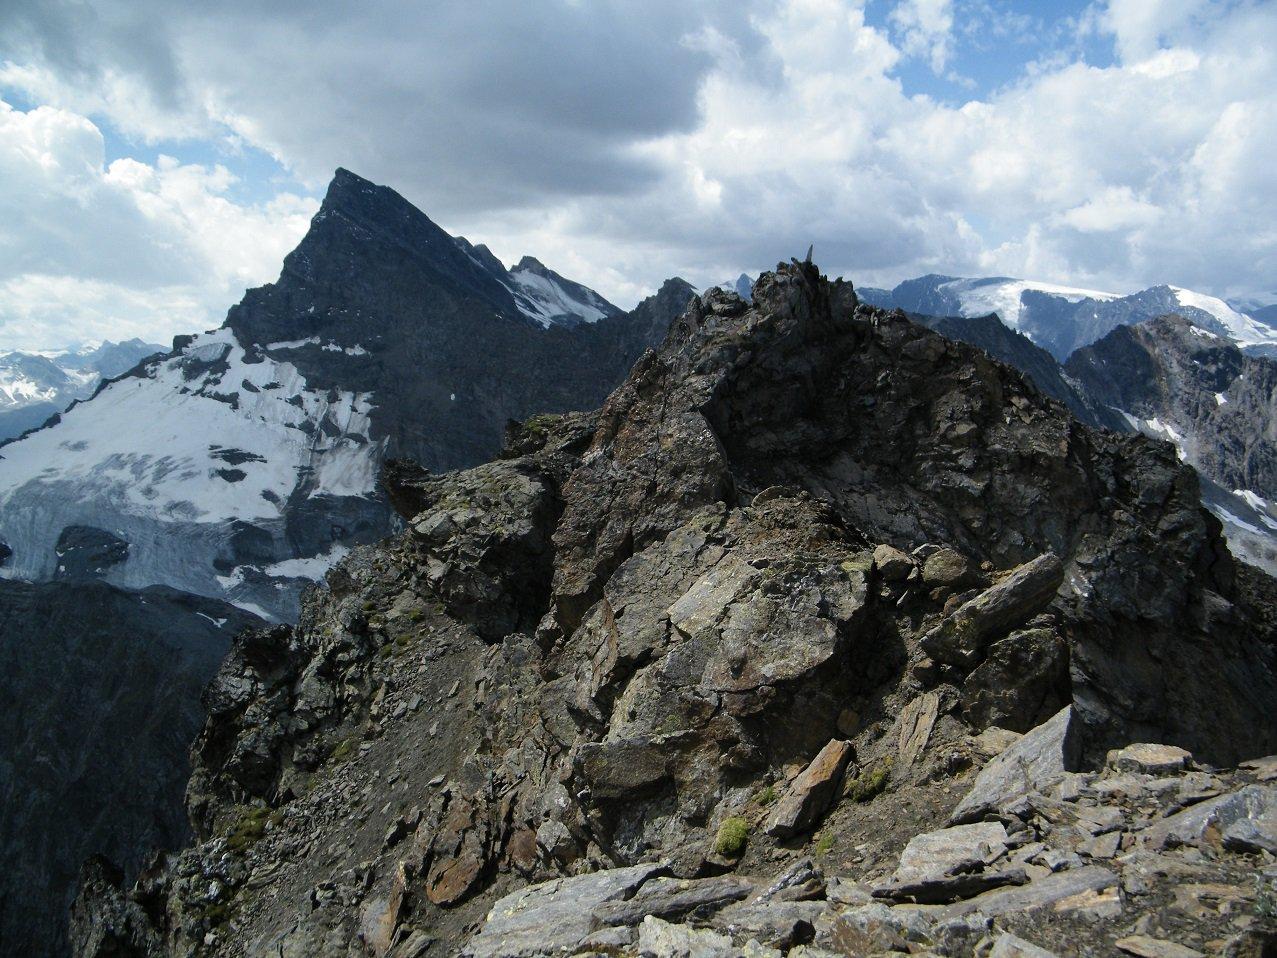 La cima principale vista dalla seconda punta.